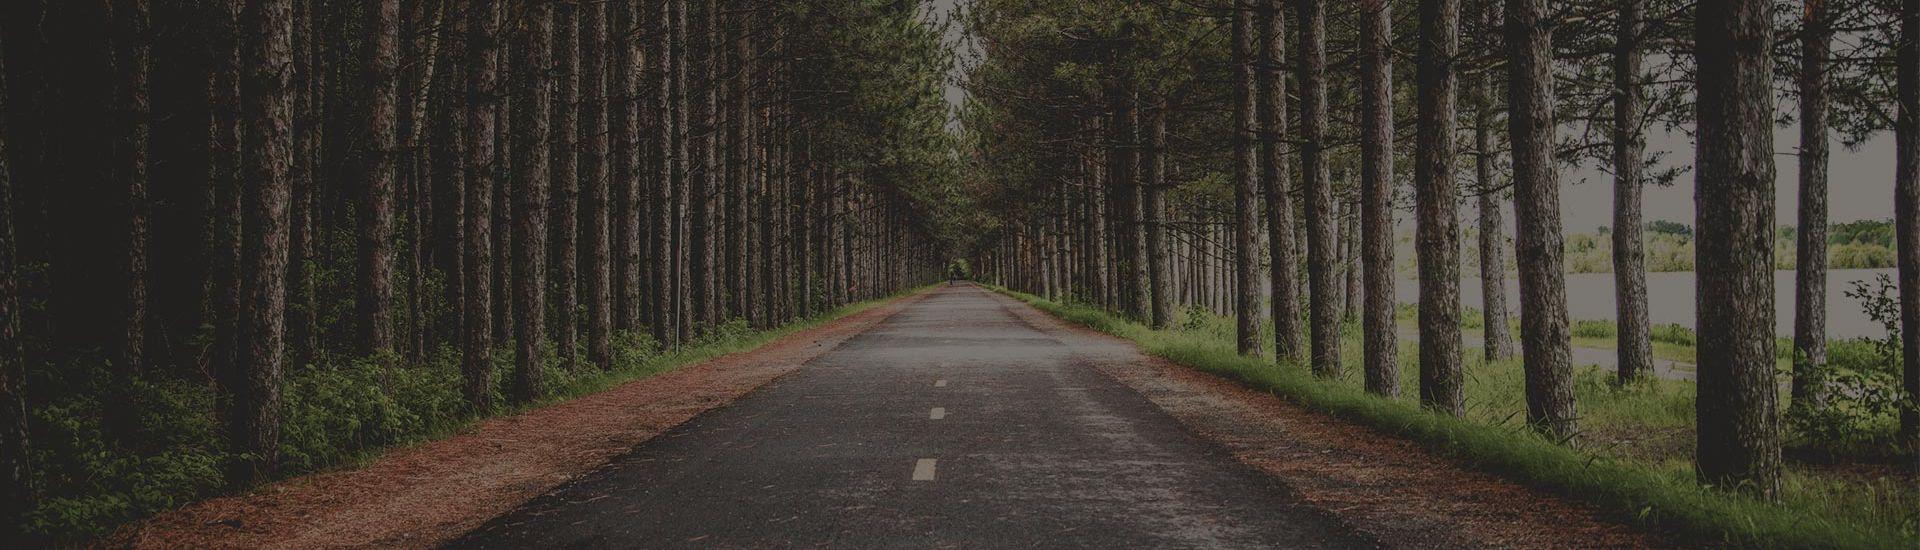 Inex Rent A Car - Road